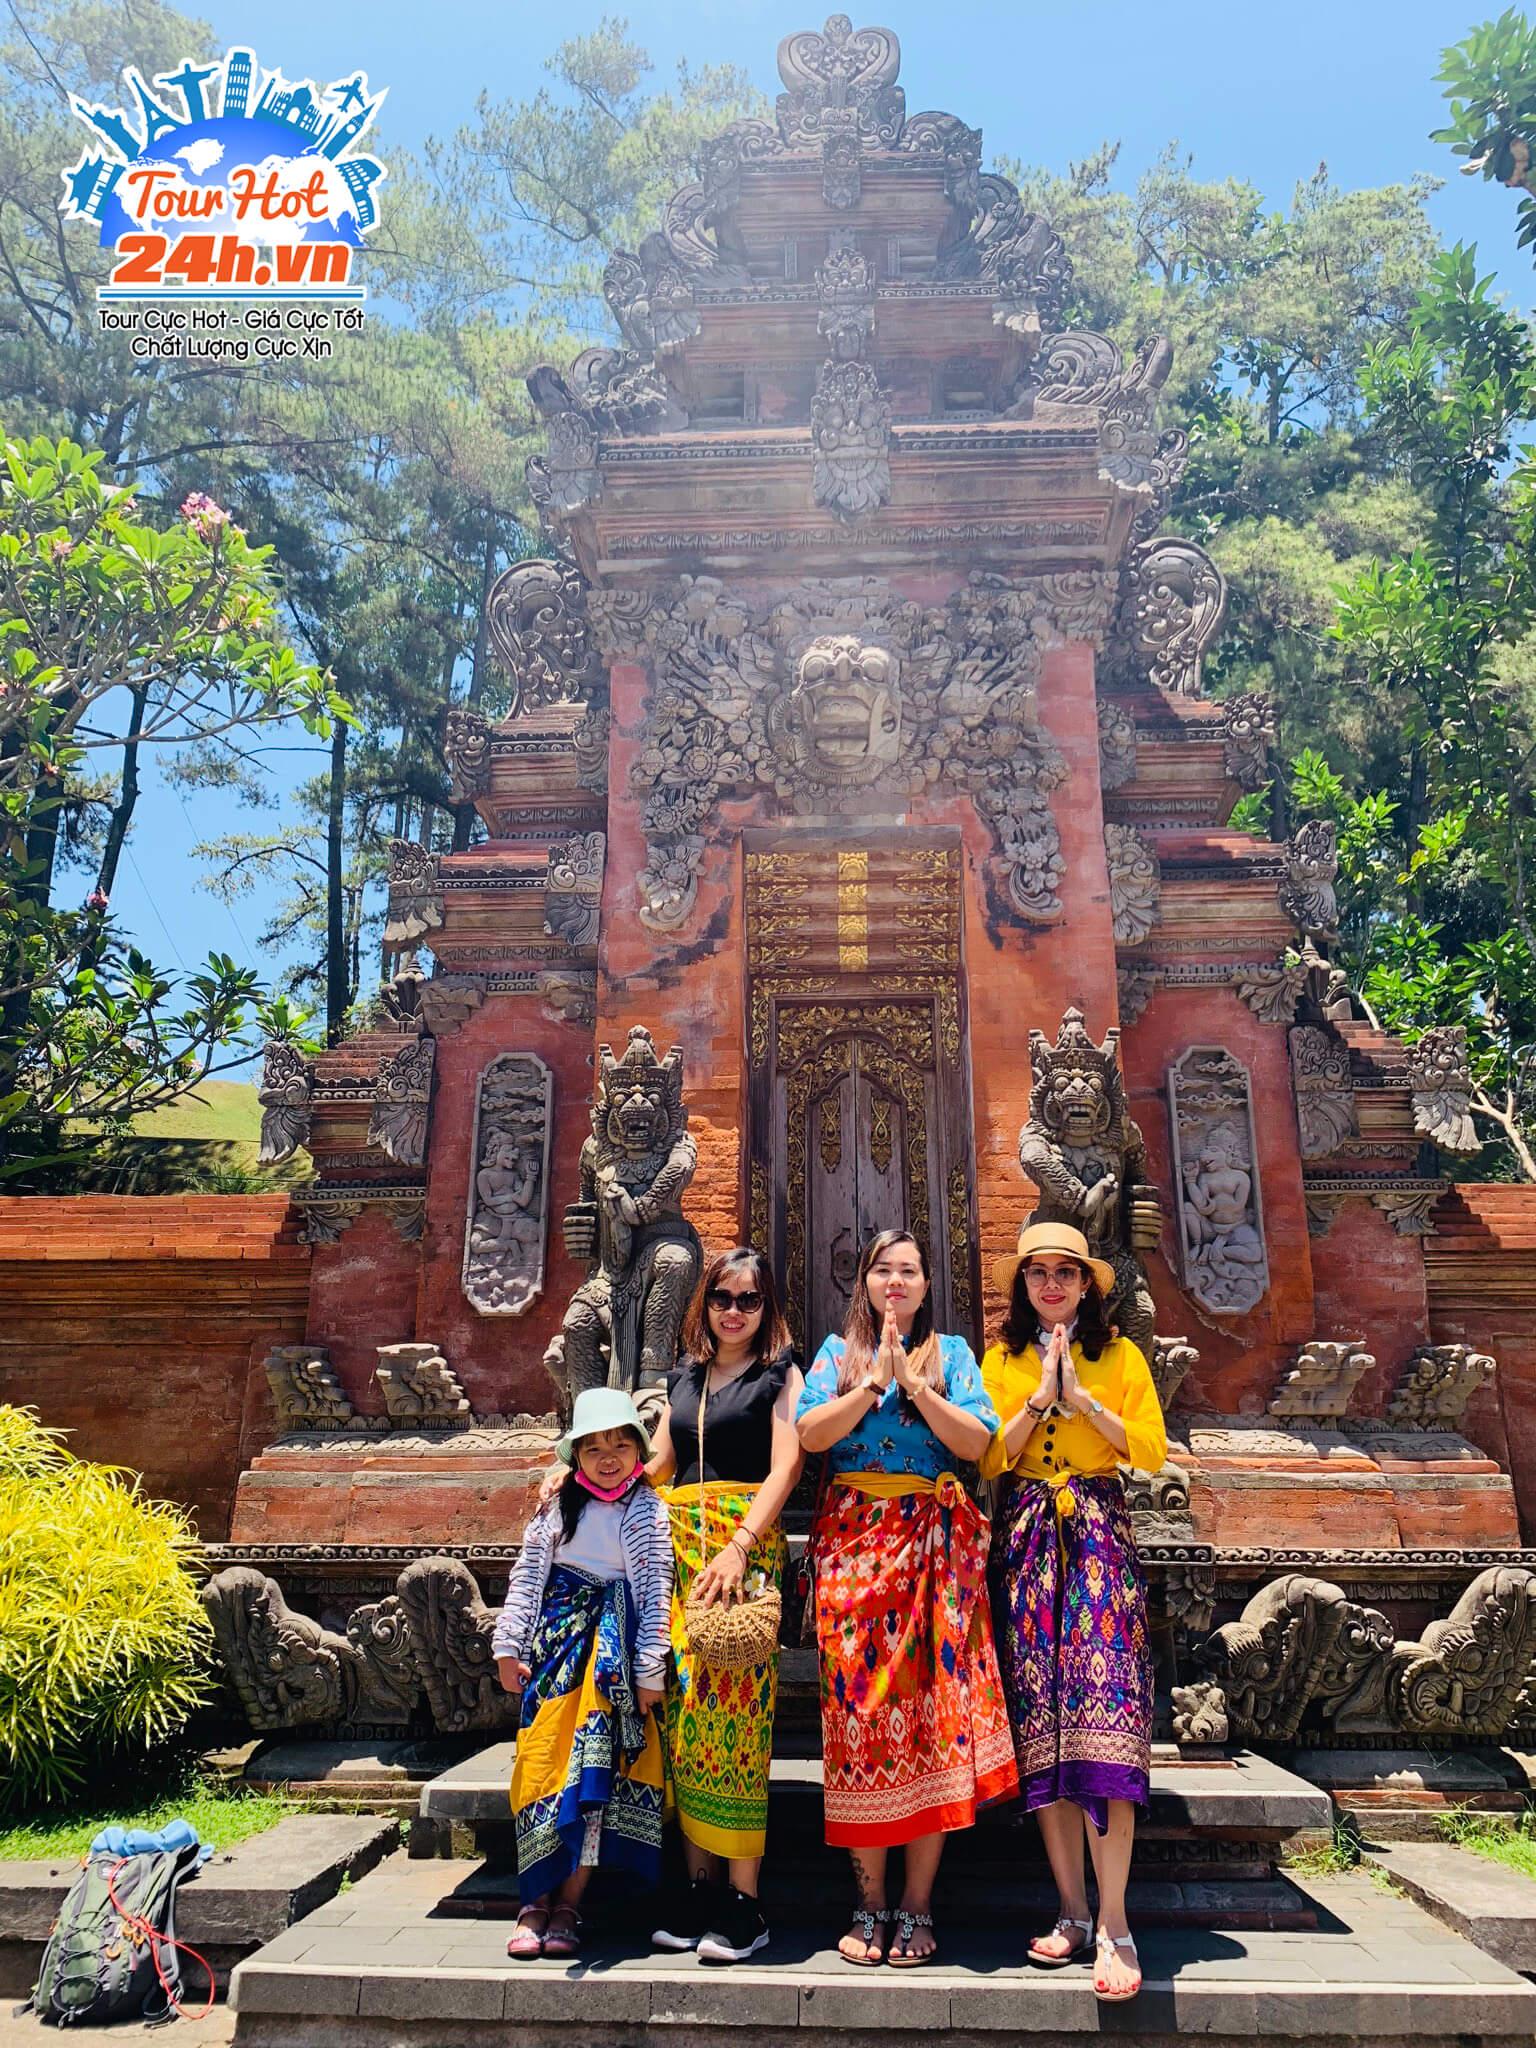 Khách hàng tour Bali bay thẳng từ HCM chụp hình bên đền nổi tiếng ở Bali